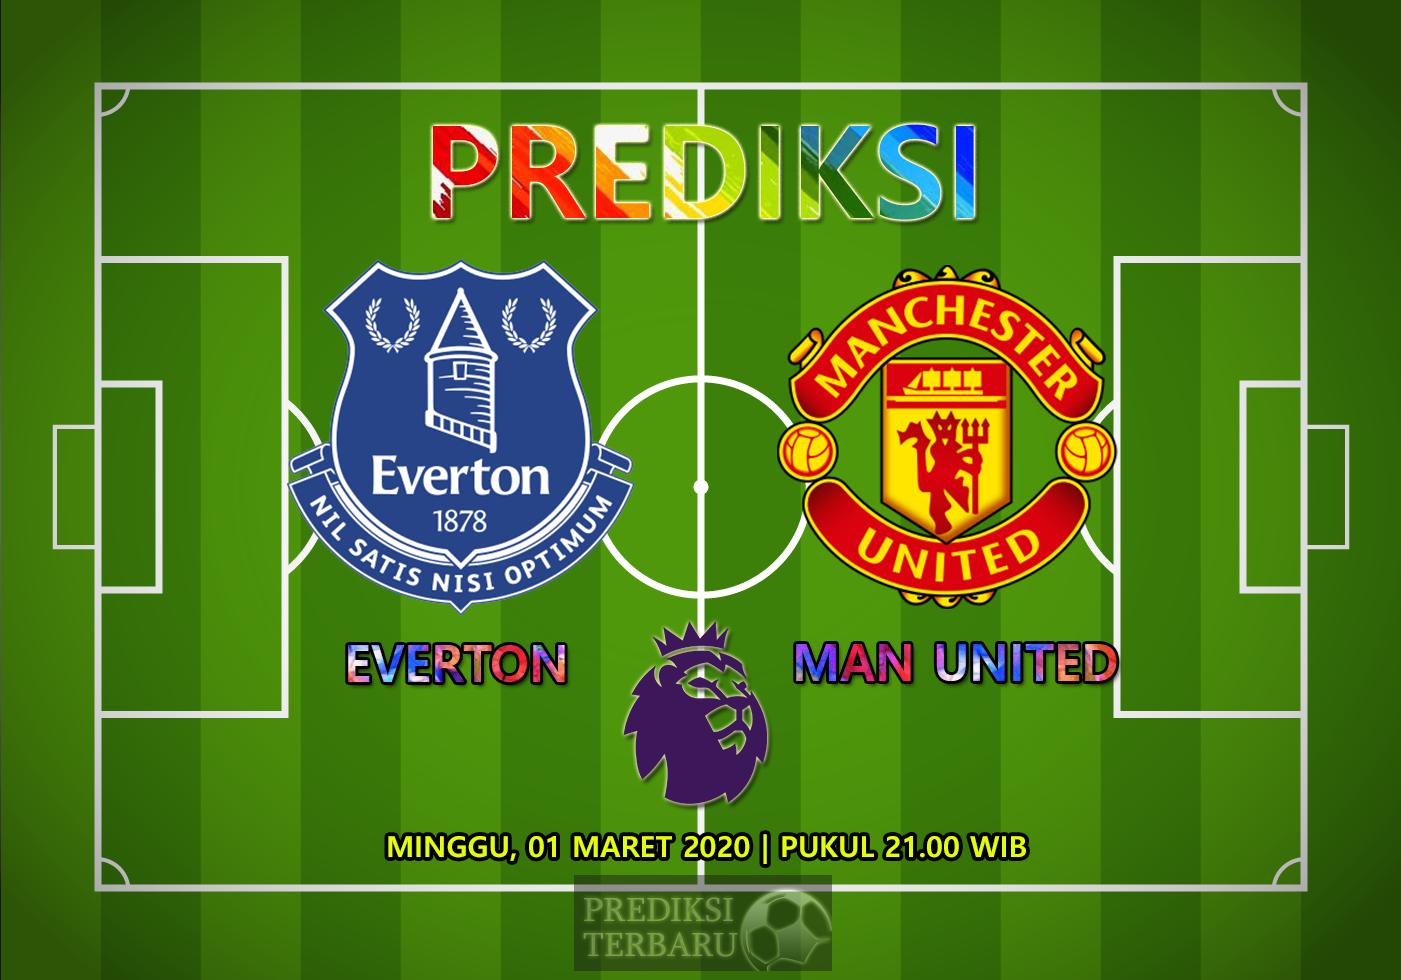 Prediksi Everton Vs Manchester United Minggu 01 Maret